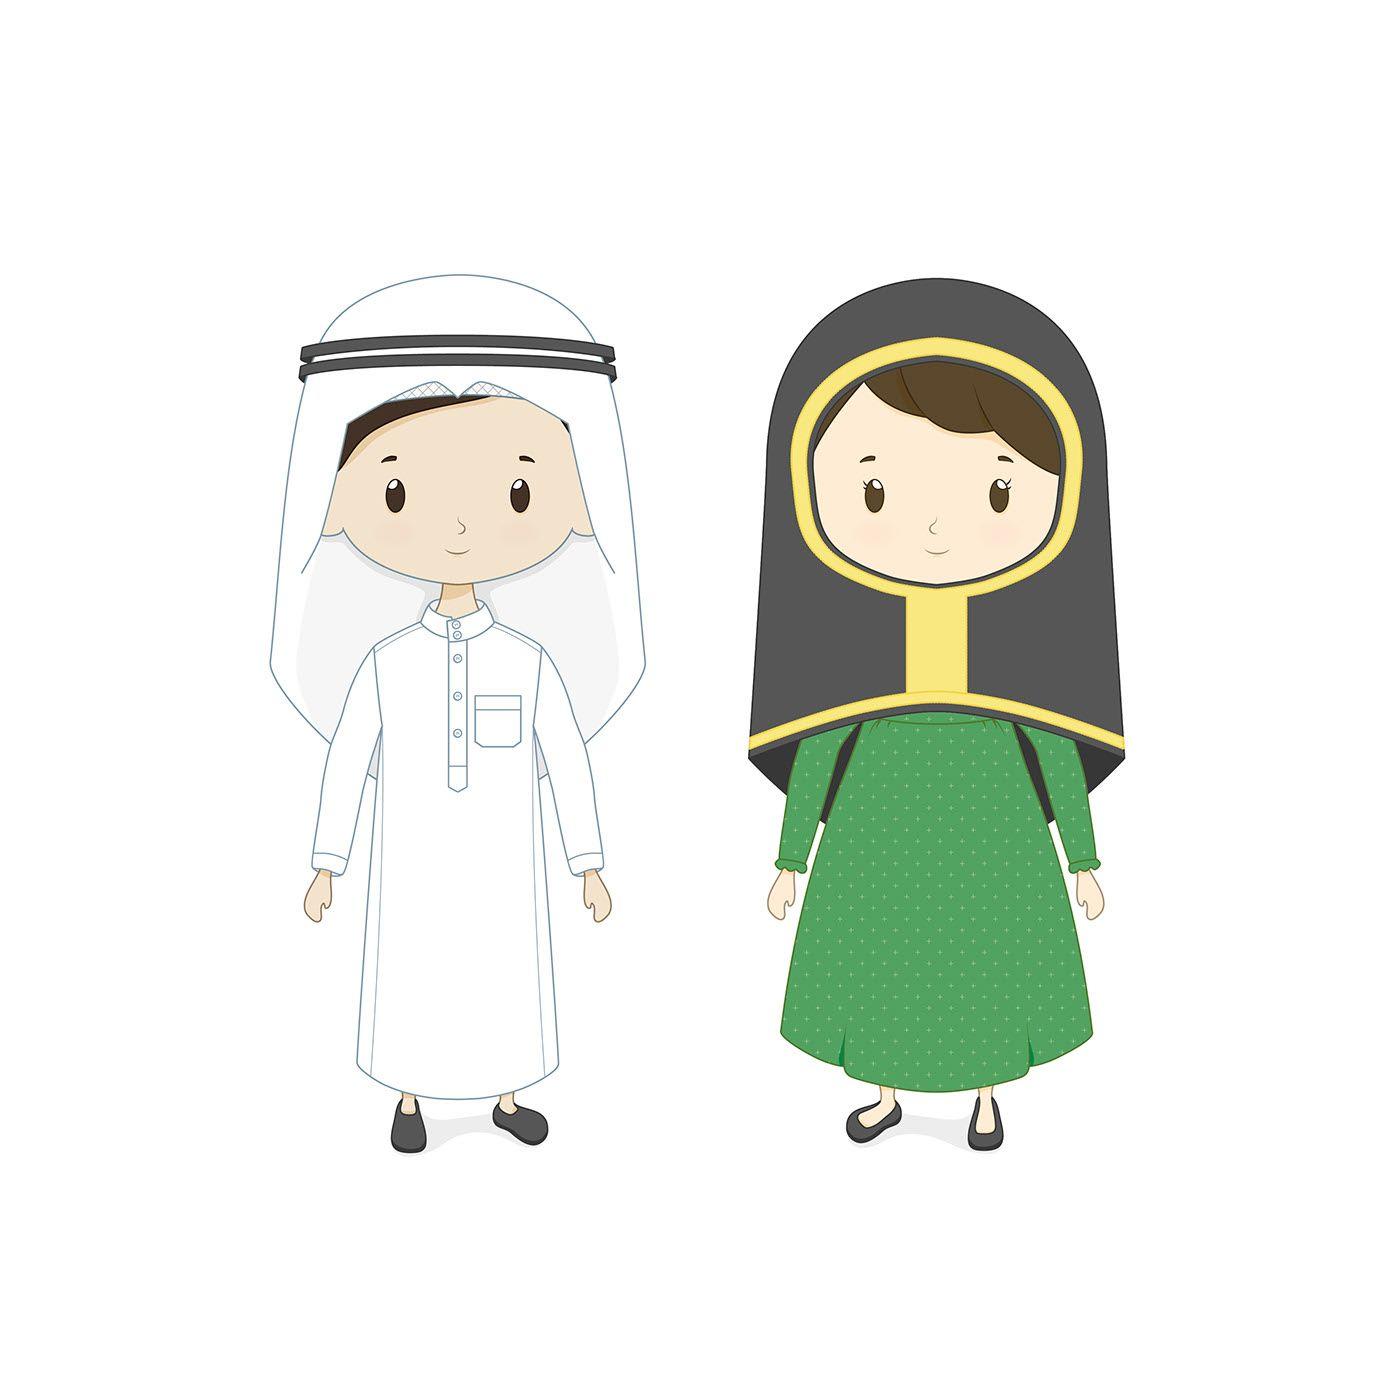 تصميم شخصيات مدارس ريانة الشرقية On Behance Eid Photos Eid Crafts Ramadan Crafts